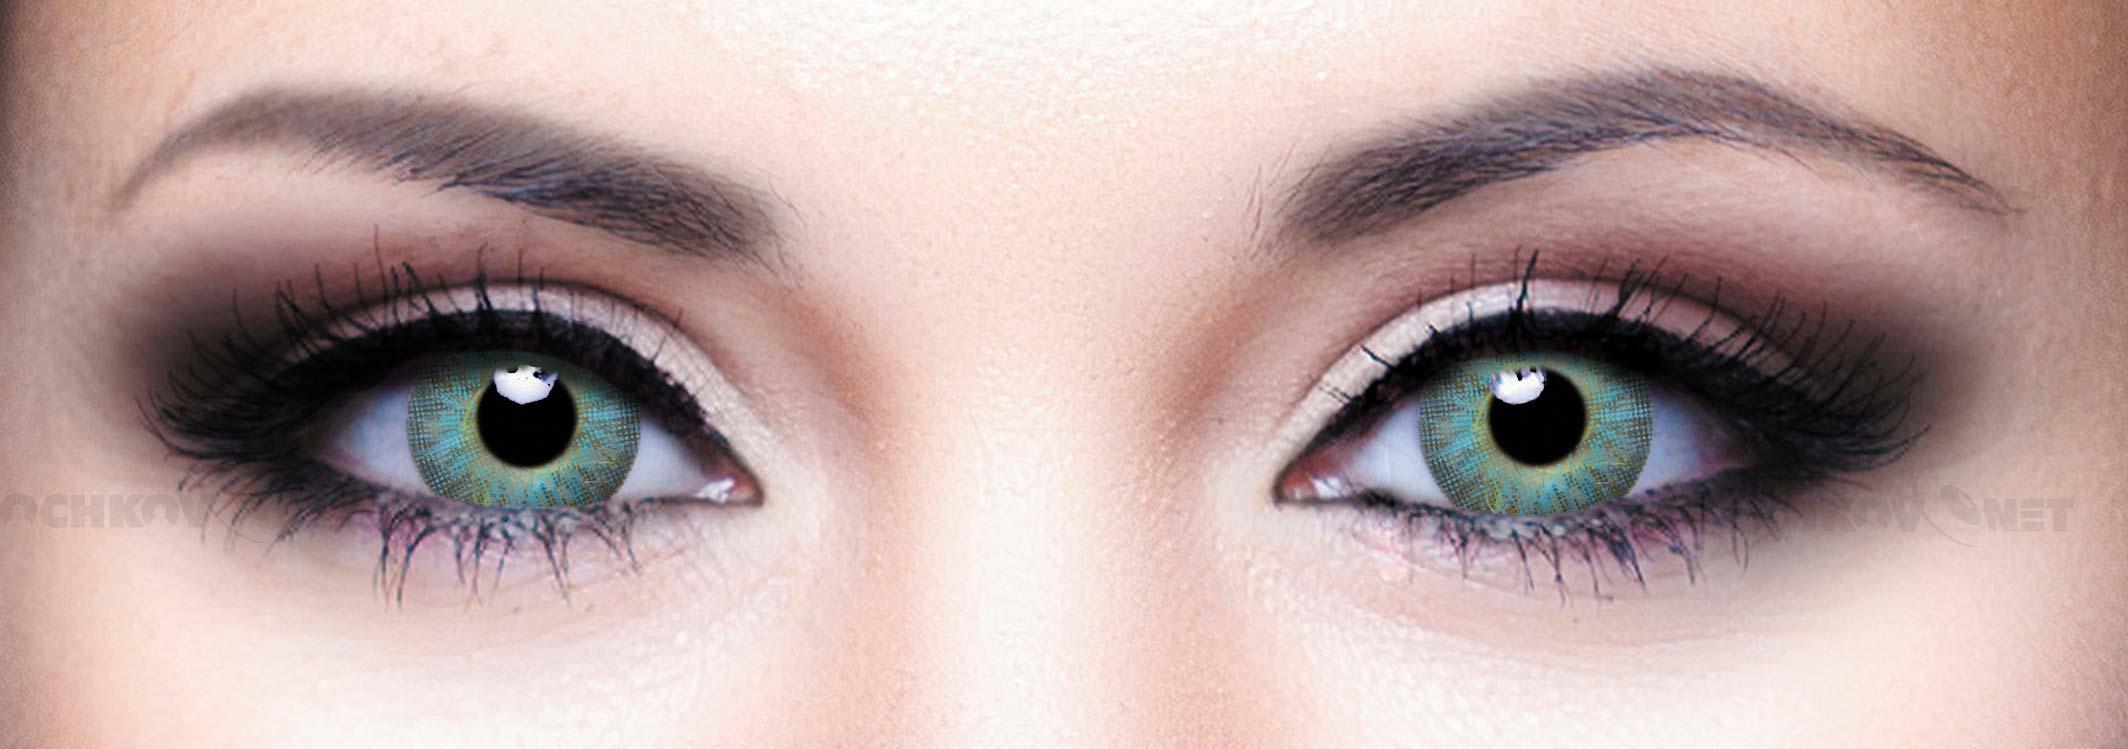 Что случилось с носом и глазами Екатерины Варнавы,в чём